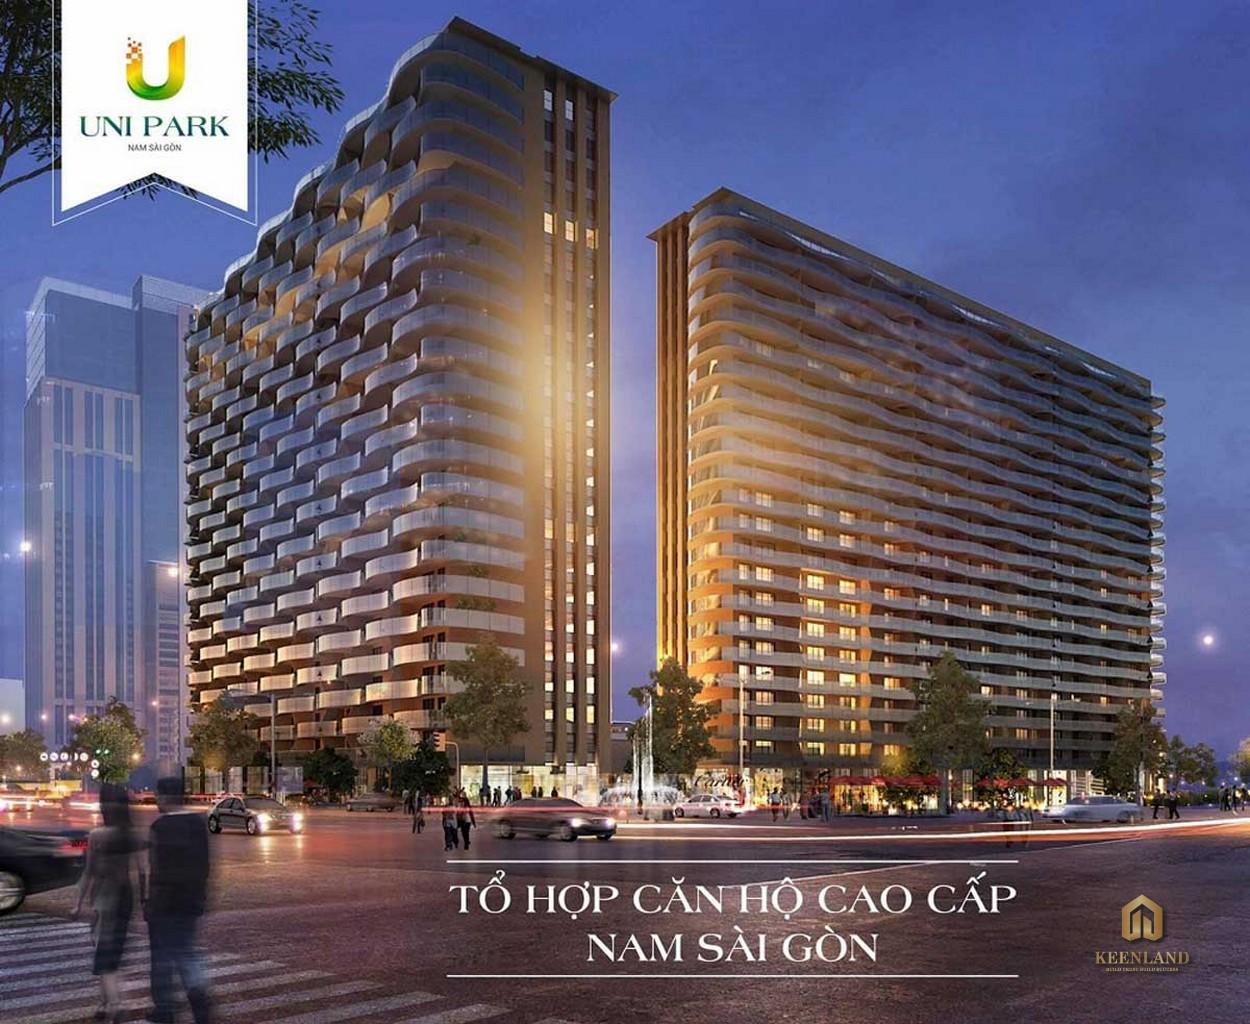 Phối cảnh dự án căn hộ Uni Park Nam Sài Gòn